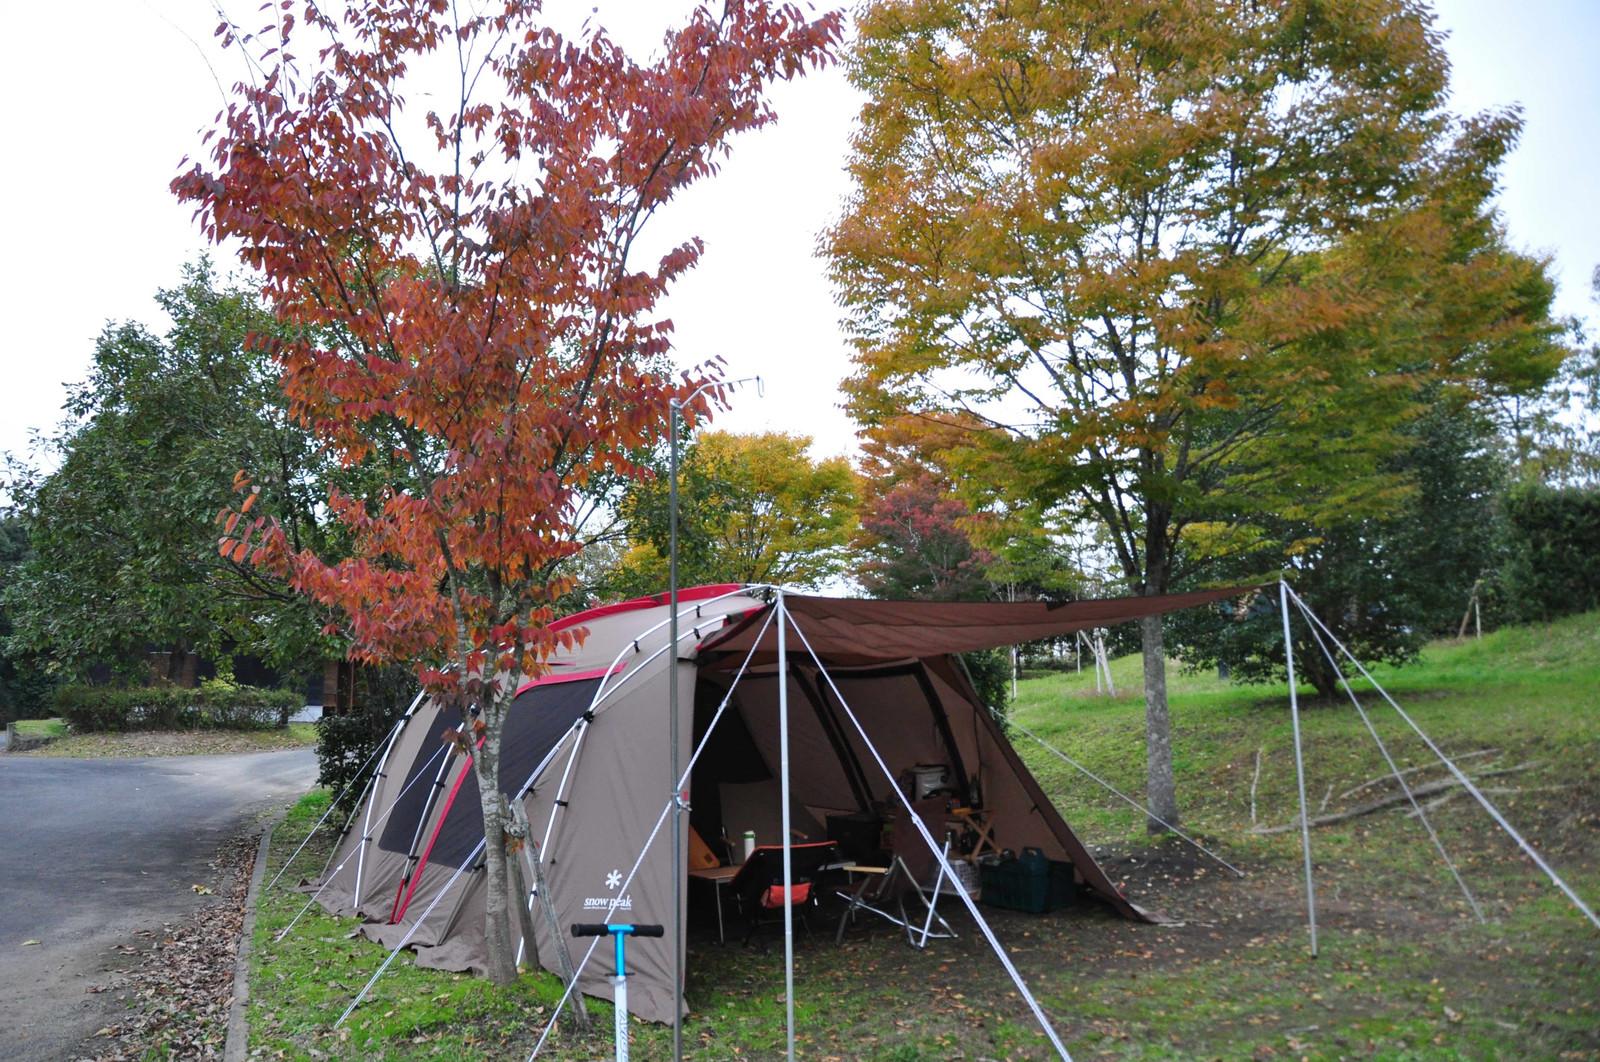 オート 大分 場 文化 キャンプ 公園 農業